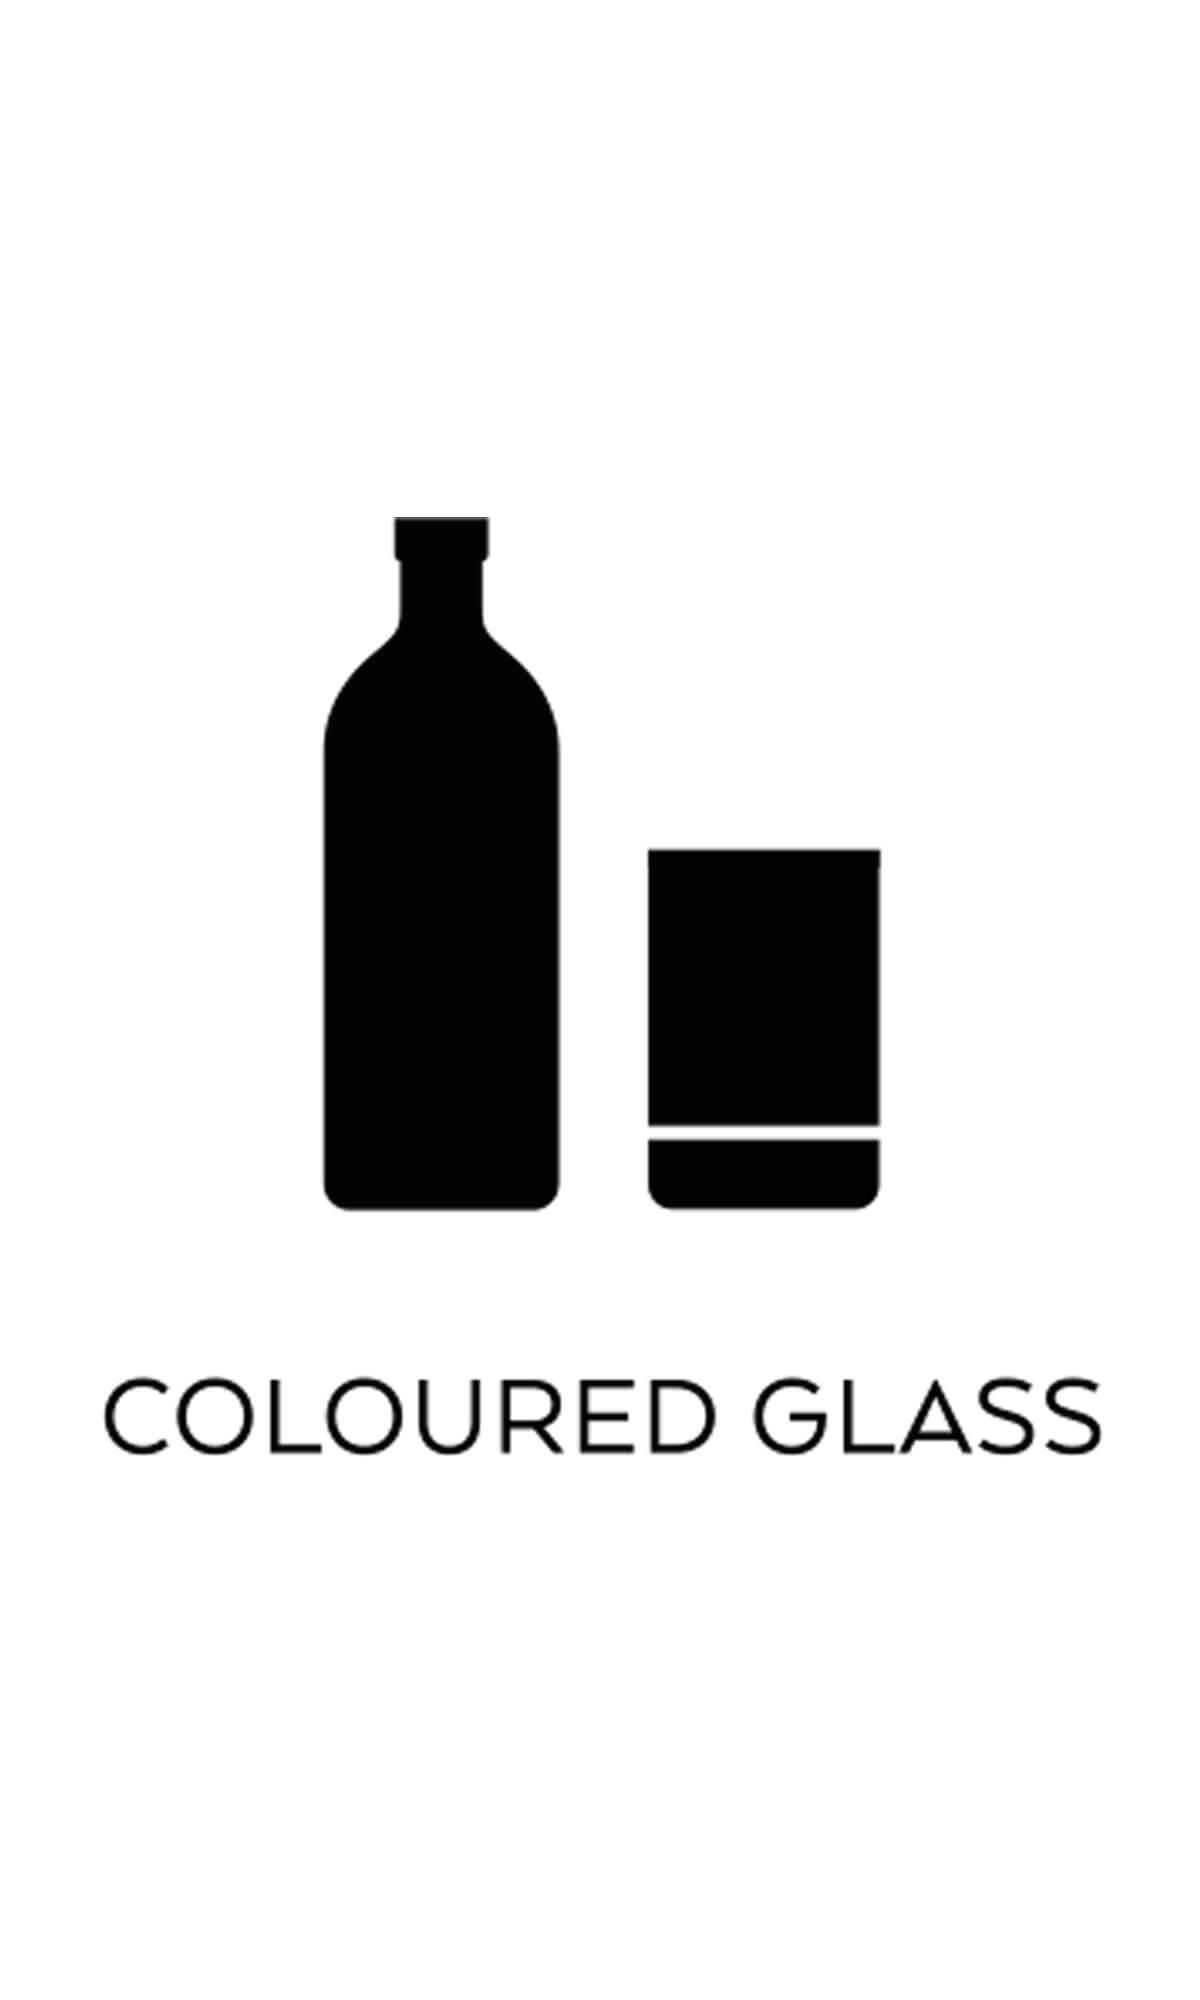 l källsortering färgat glas symbol miljö återvinning